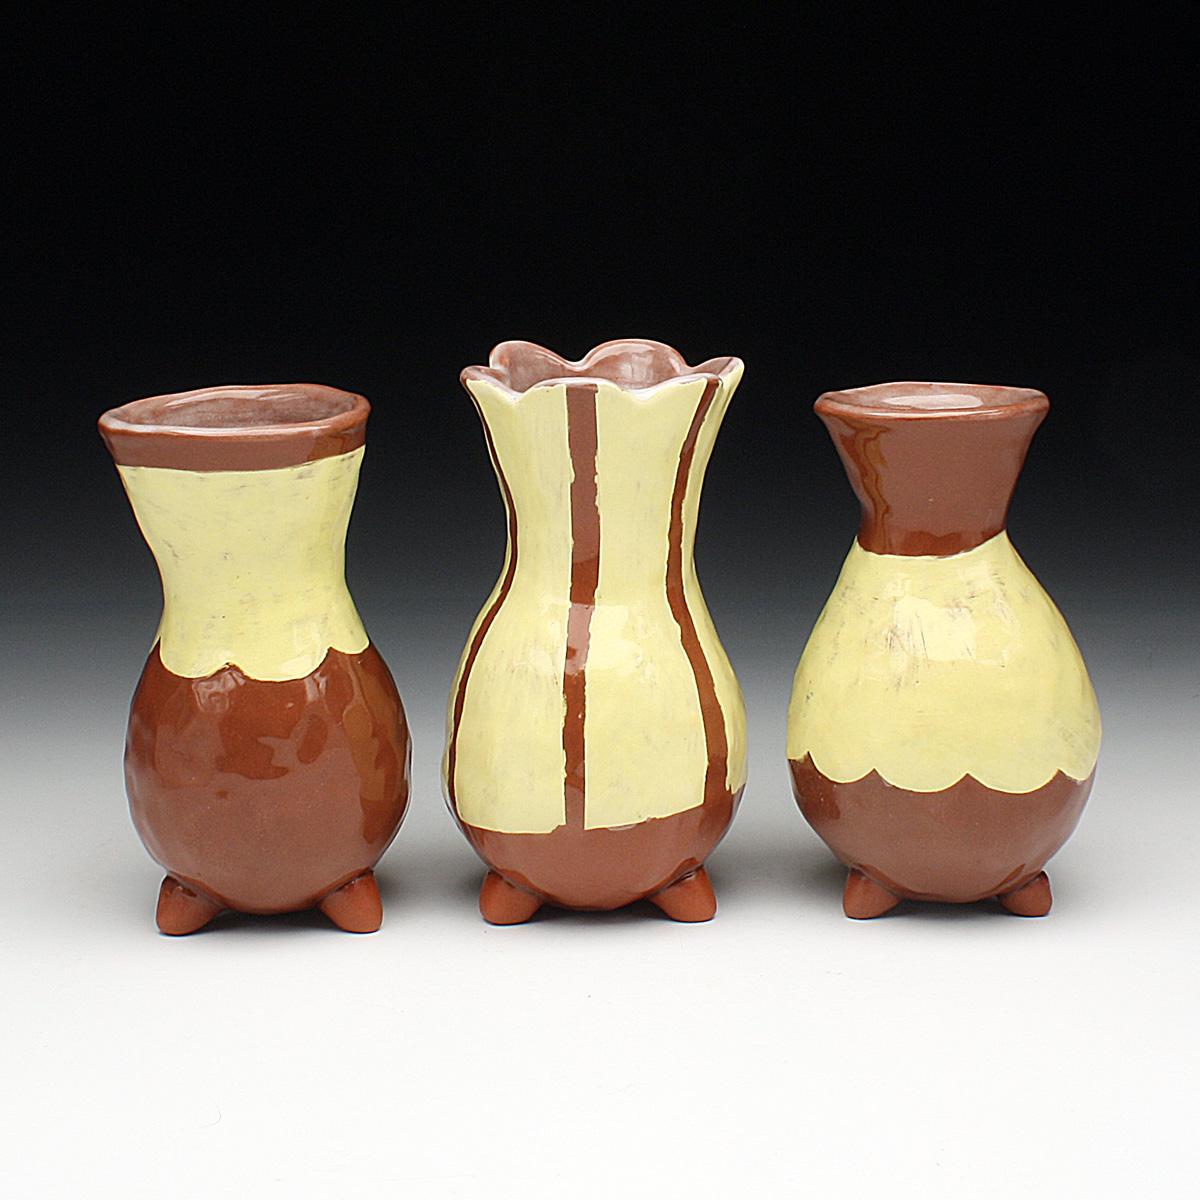 miniture vase set.JPG